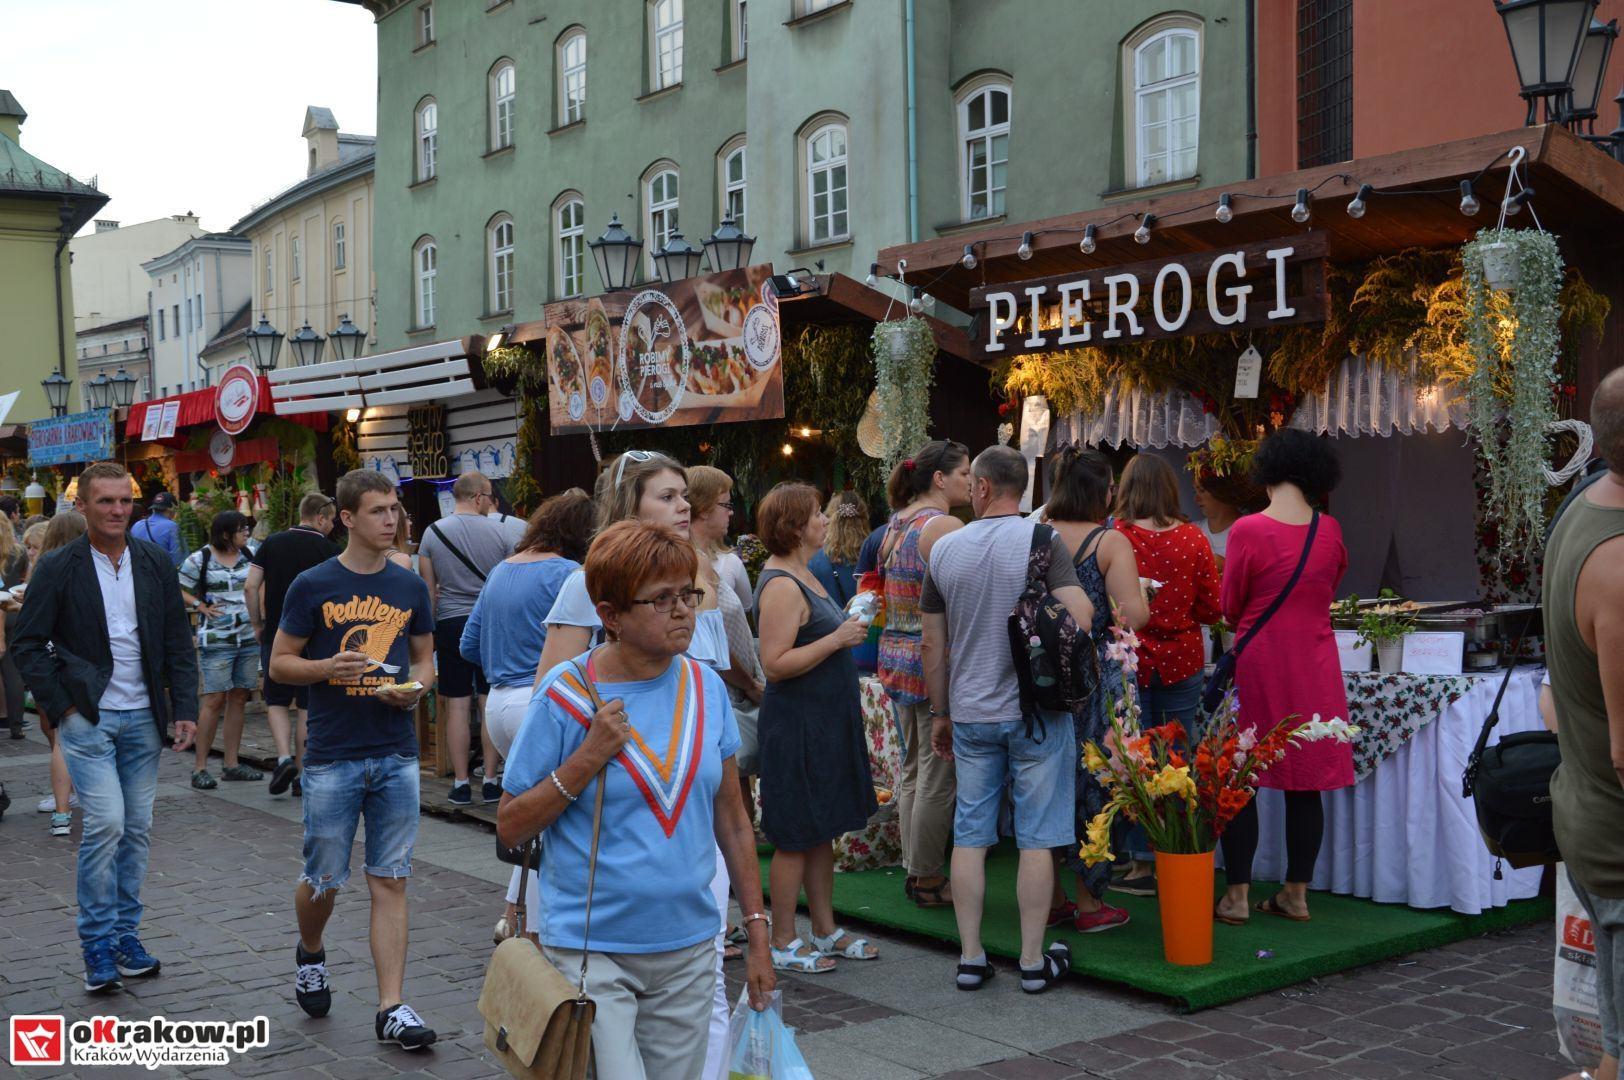 krakow festiwal pierogow maly rynek koncert cheap tobacco 53 150x150 - Galeria zdjęć Festiwal Pierogów Kraków 2018 + zdjęcia z koncertu Cheap Tobacco